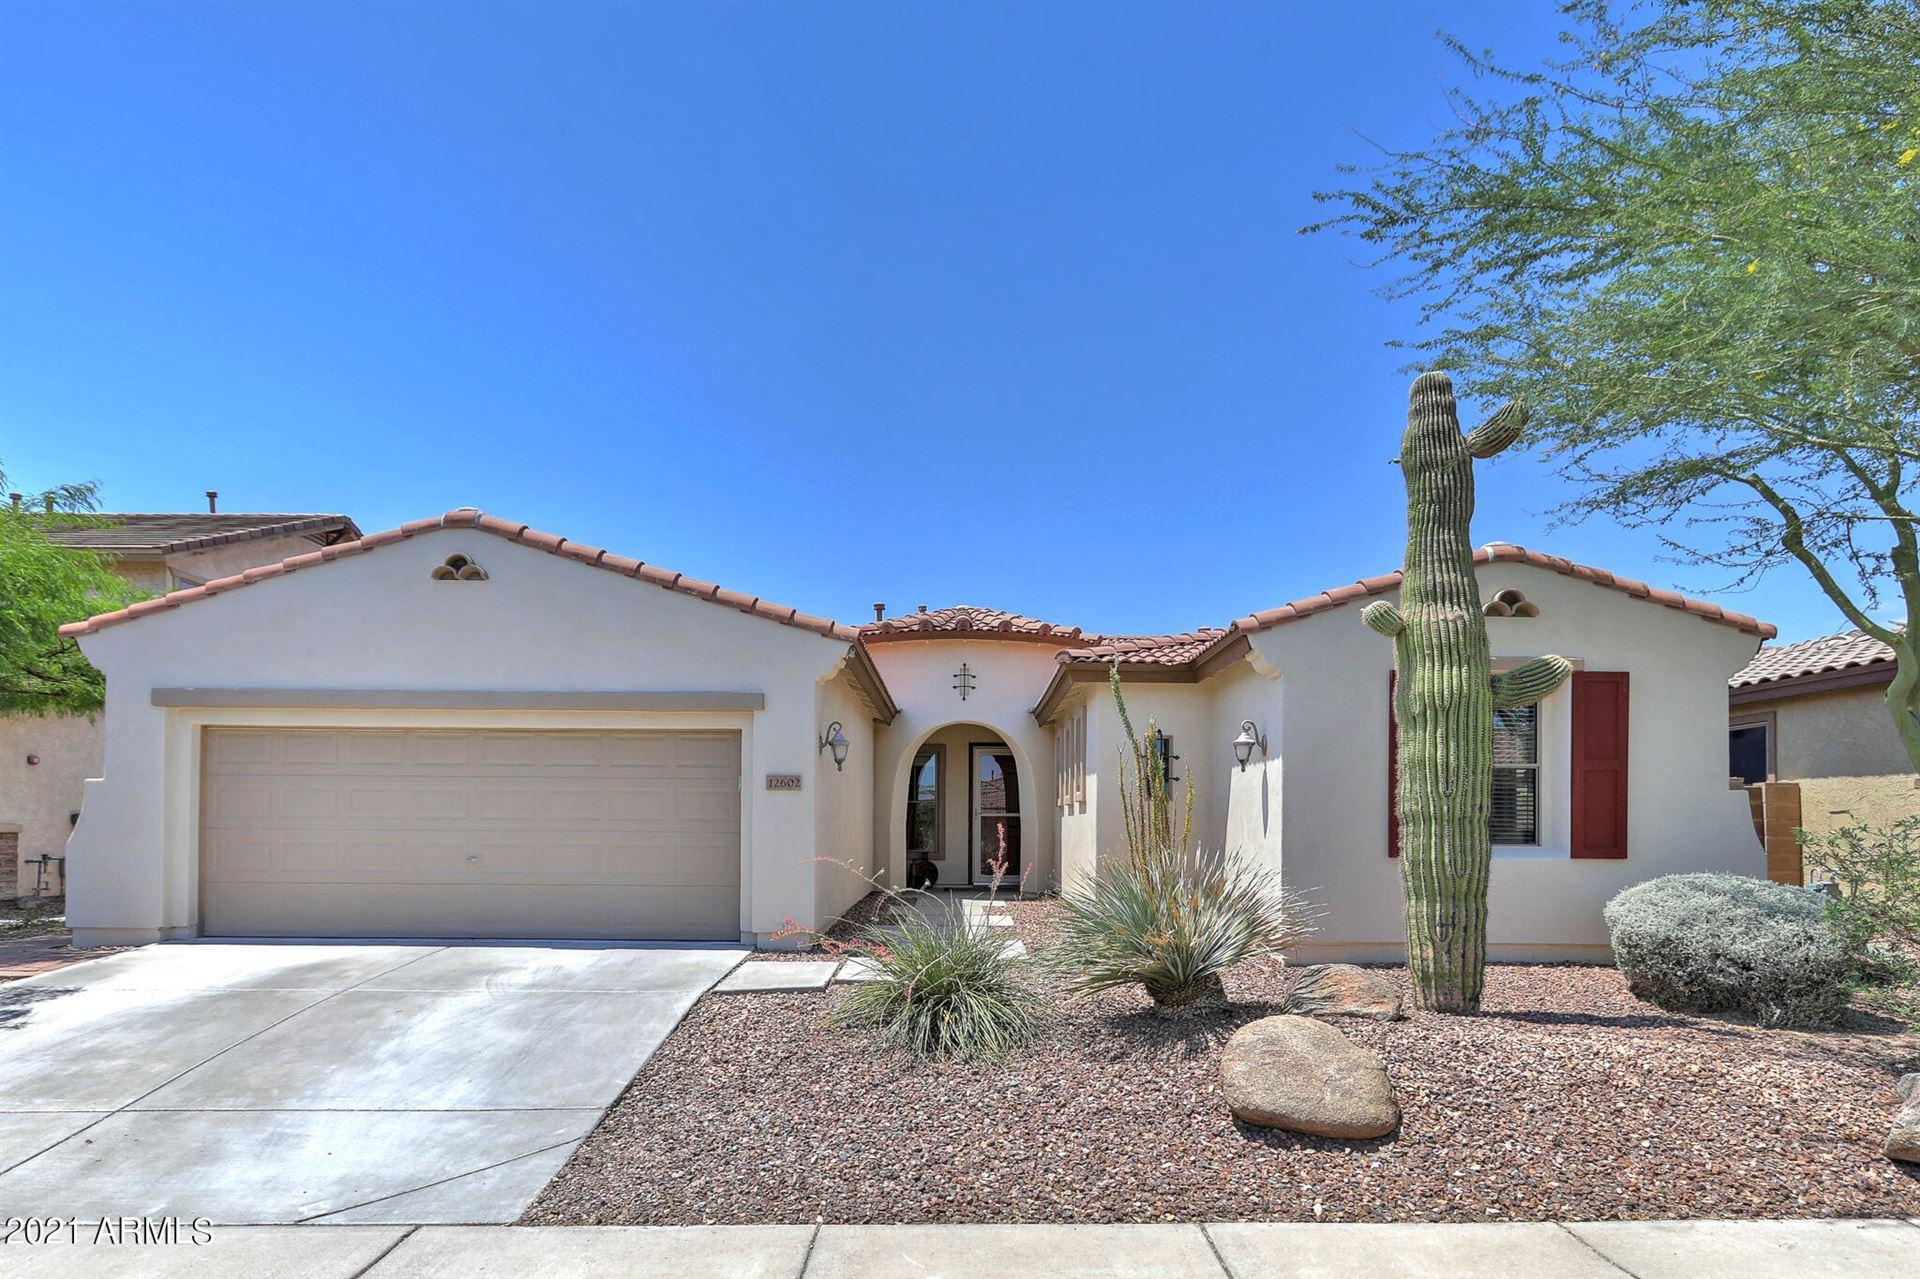 12602 W MINER Trail, Peoria, AZ 85383 - MLS#: 6254642